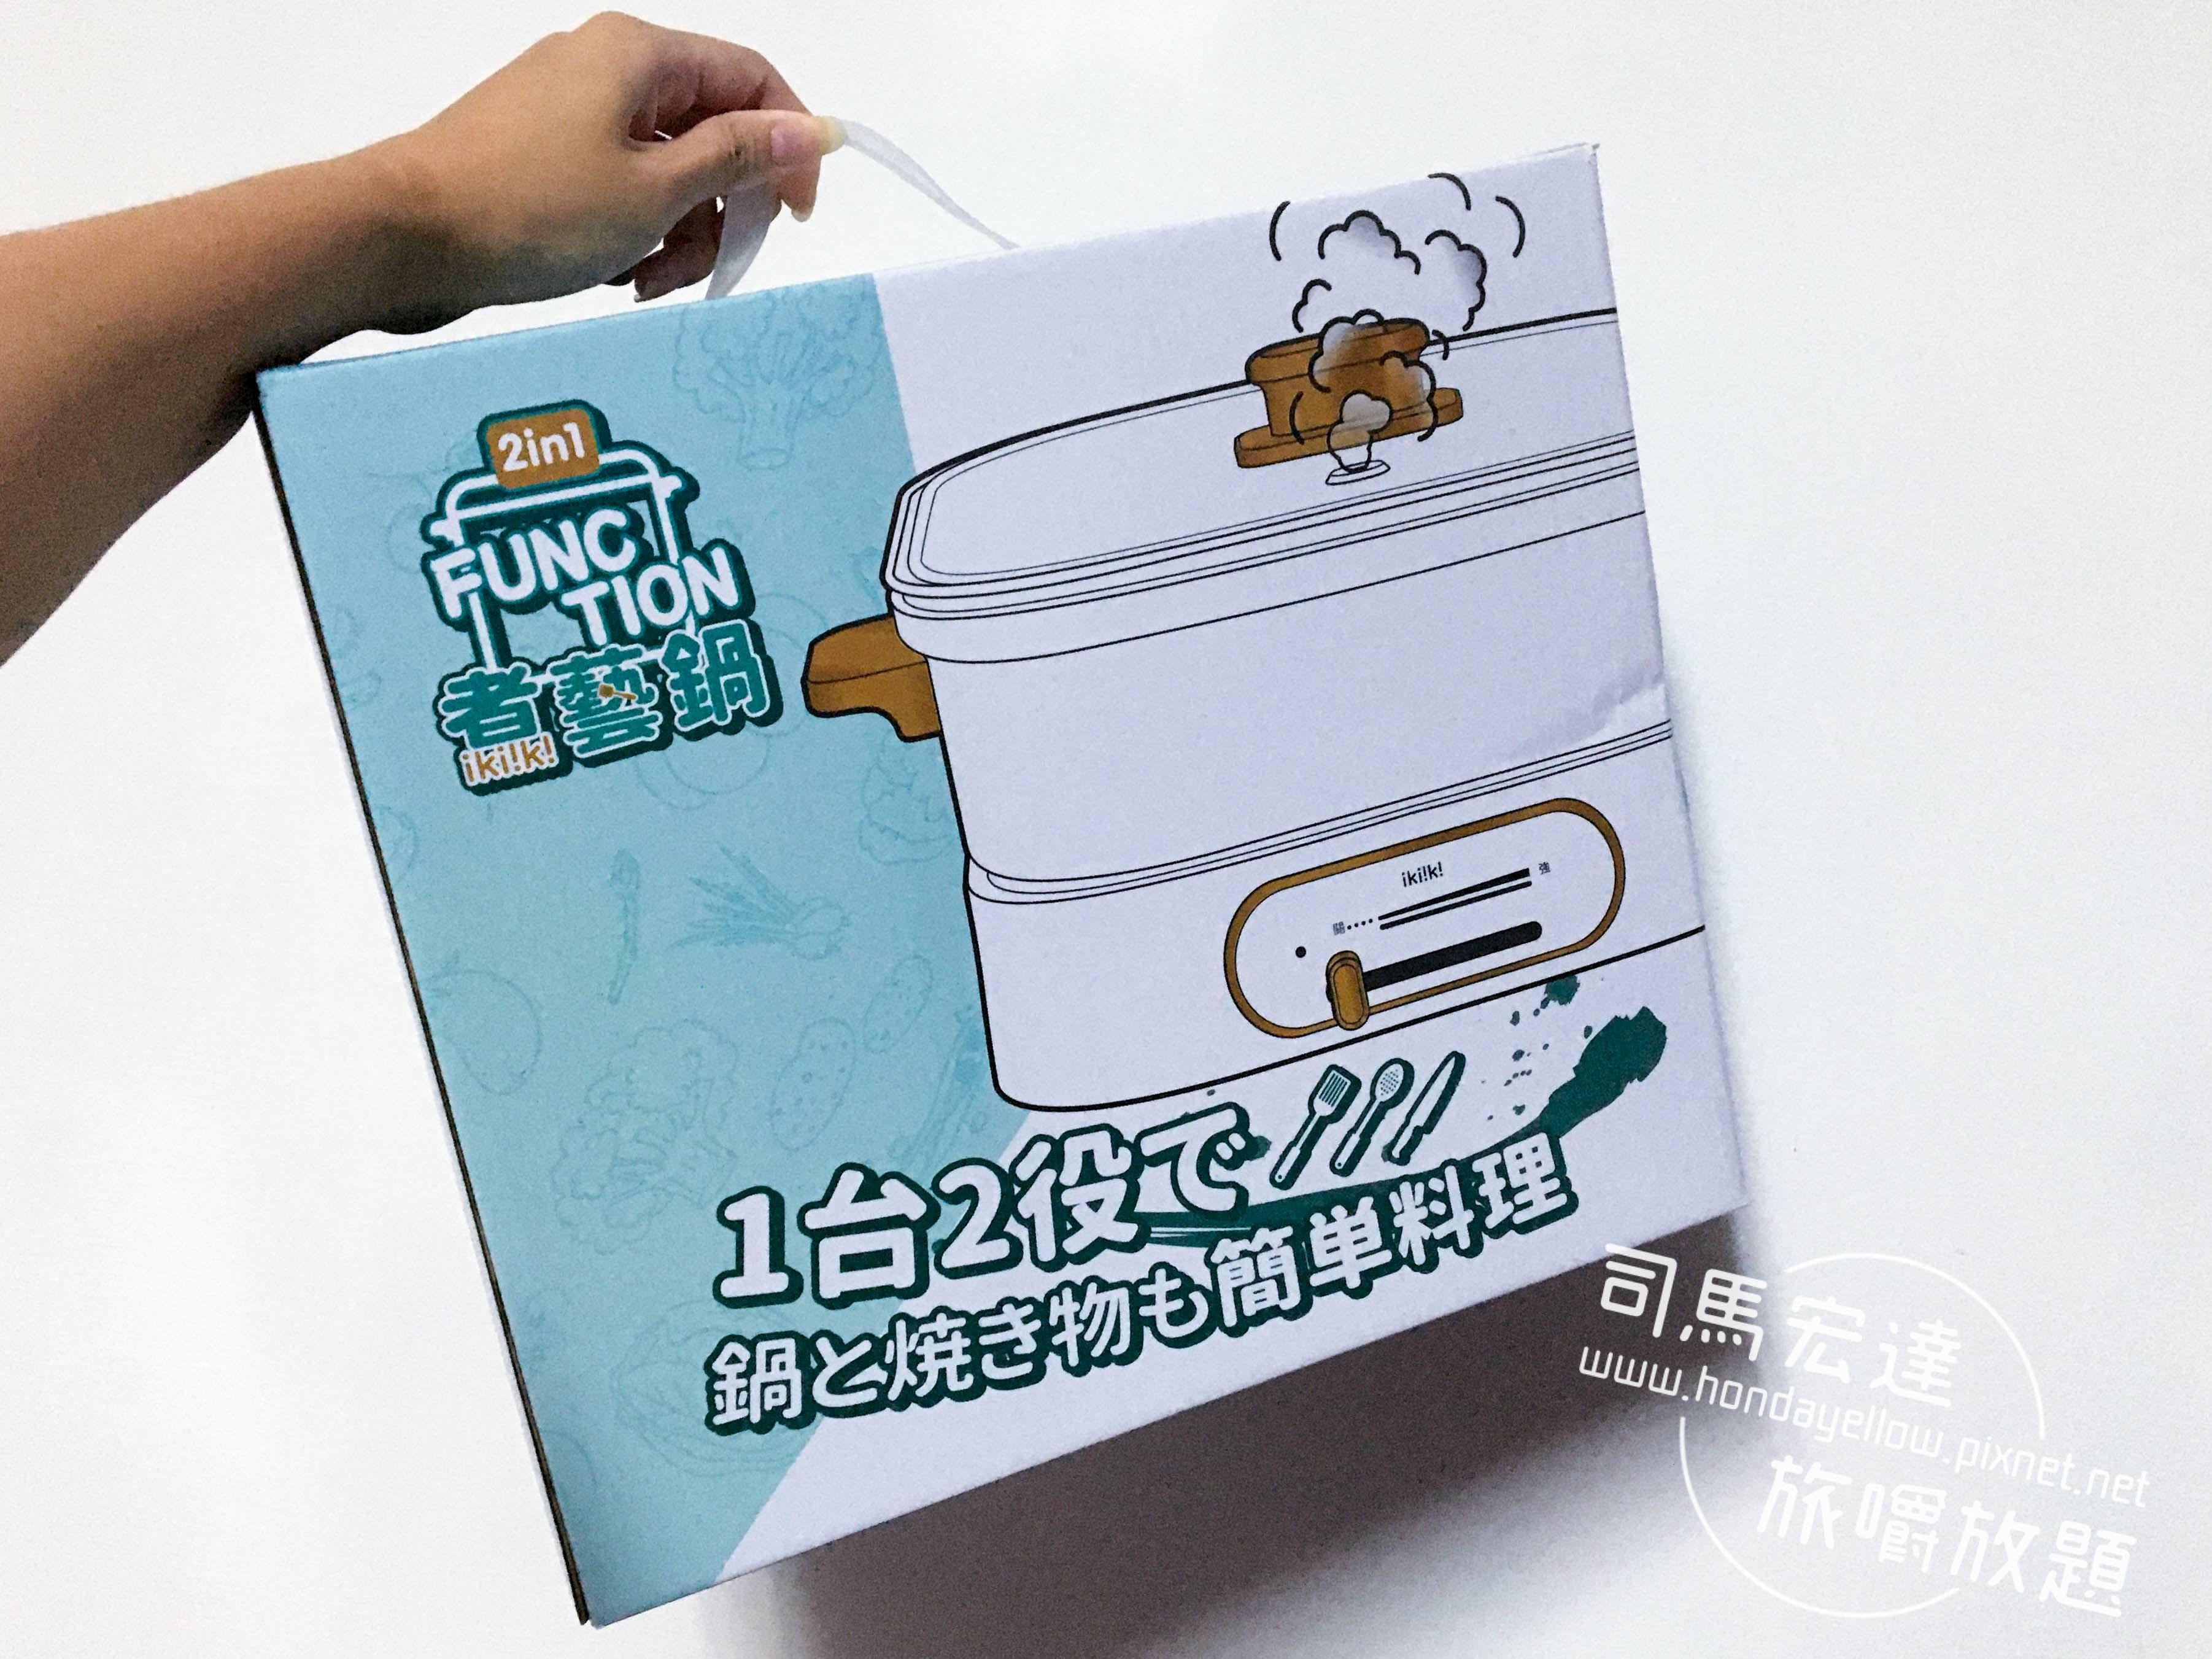 伊崎ikiiki-2in1方型3公升煮藝鍋-開箱-41.jpg